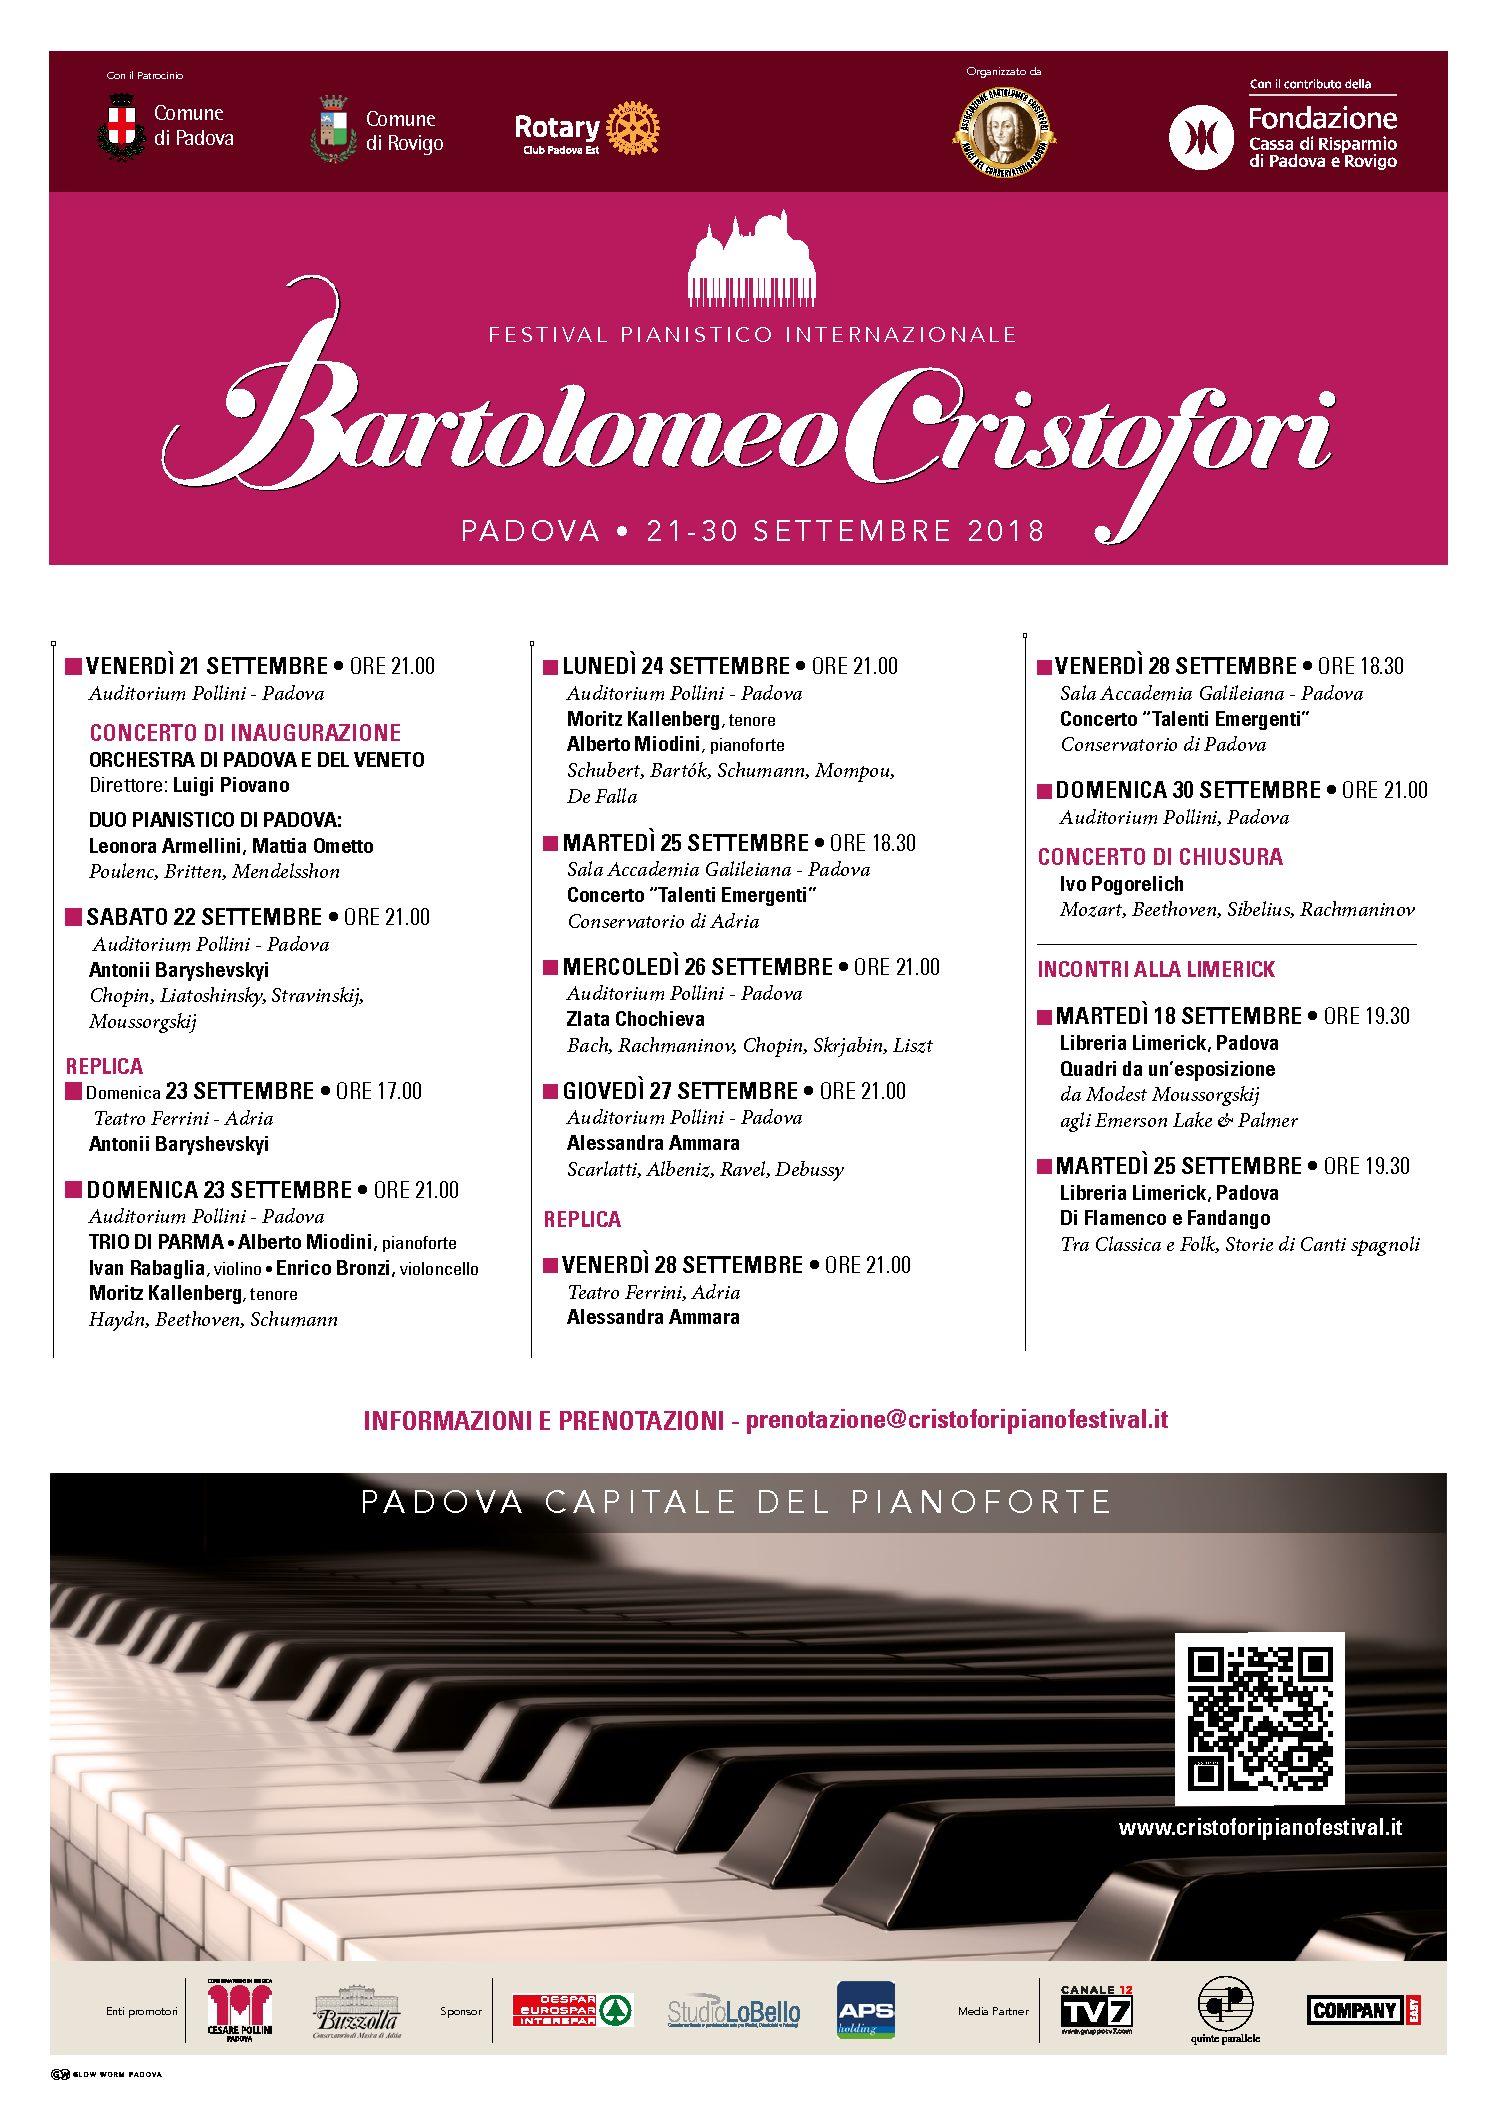 Festival Pianistico Internazionale Bartolomeo Cristofori